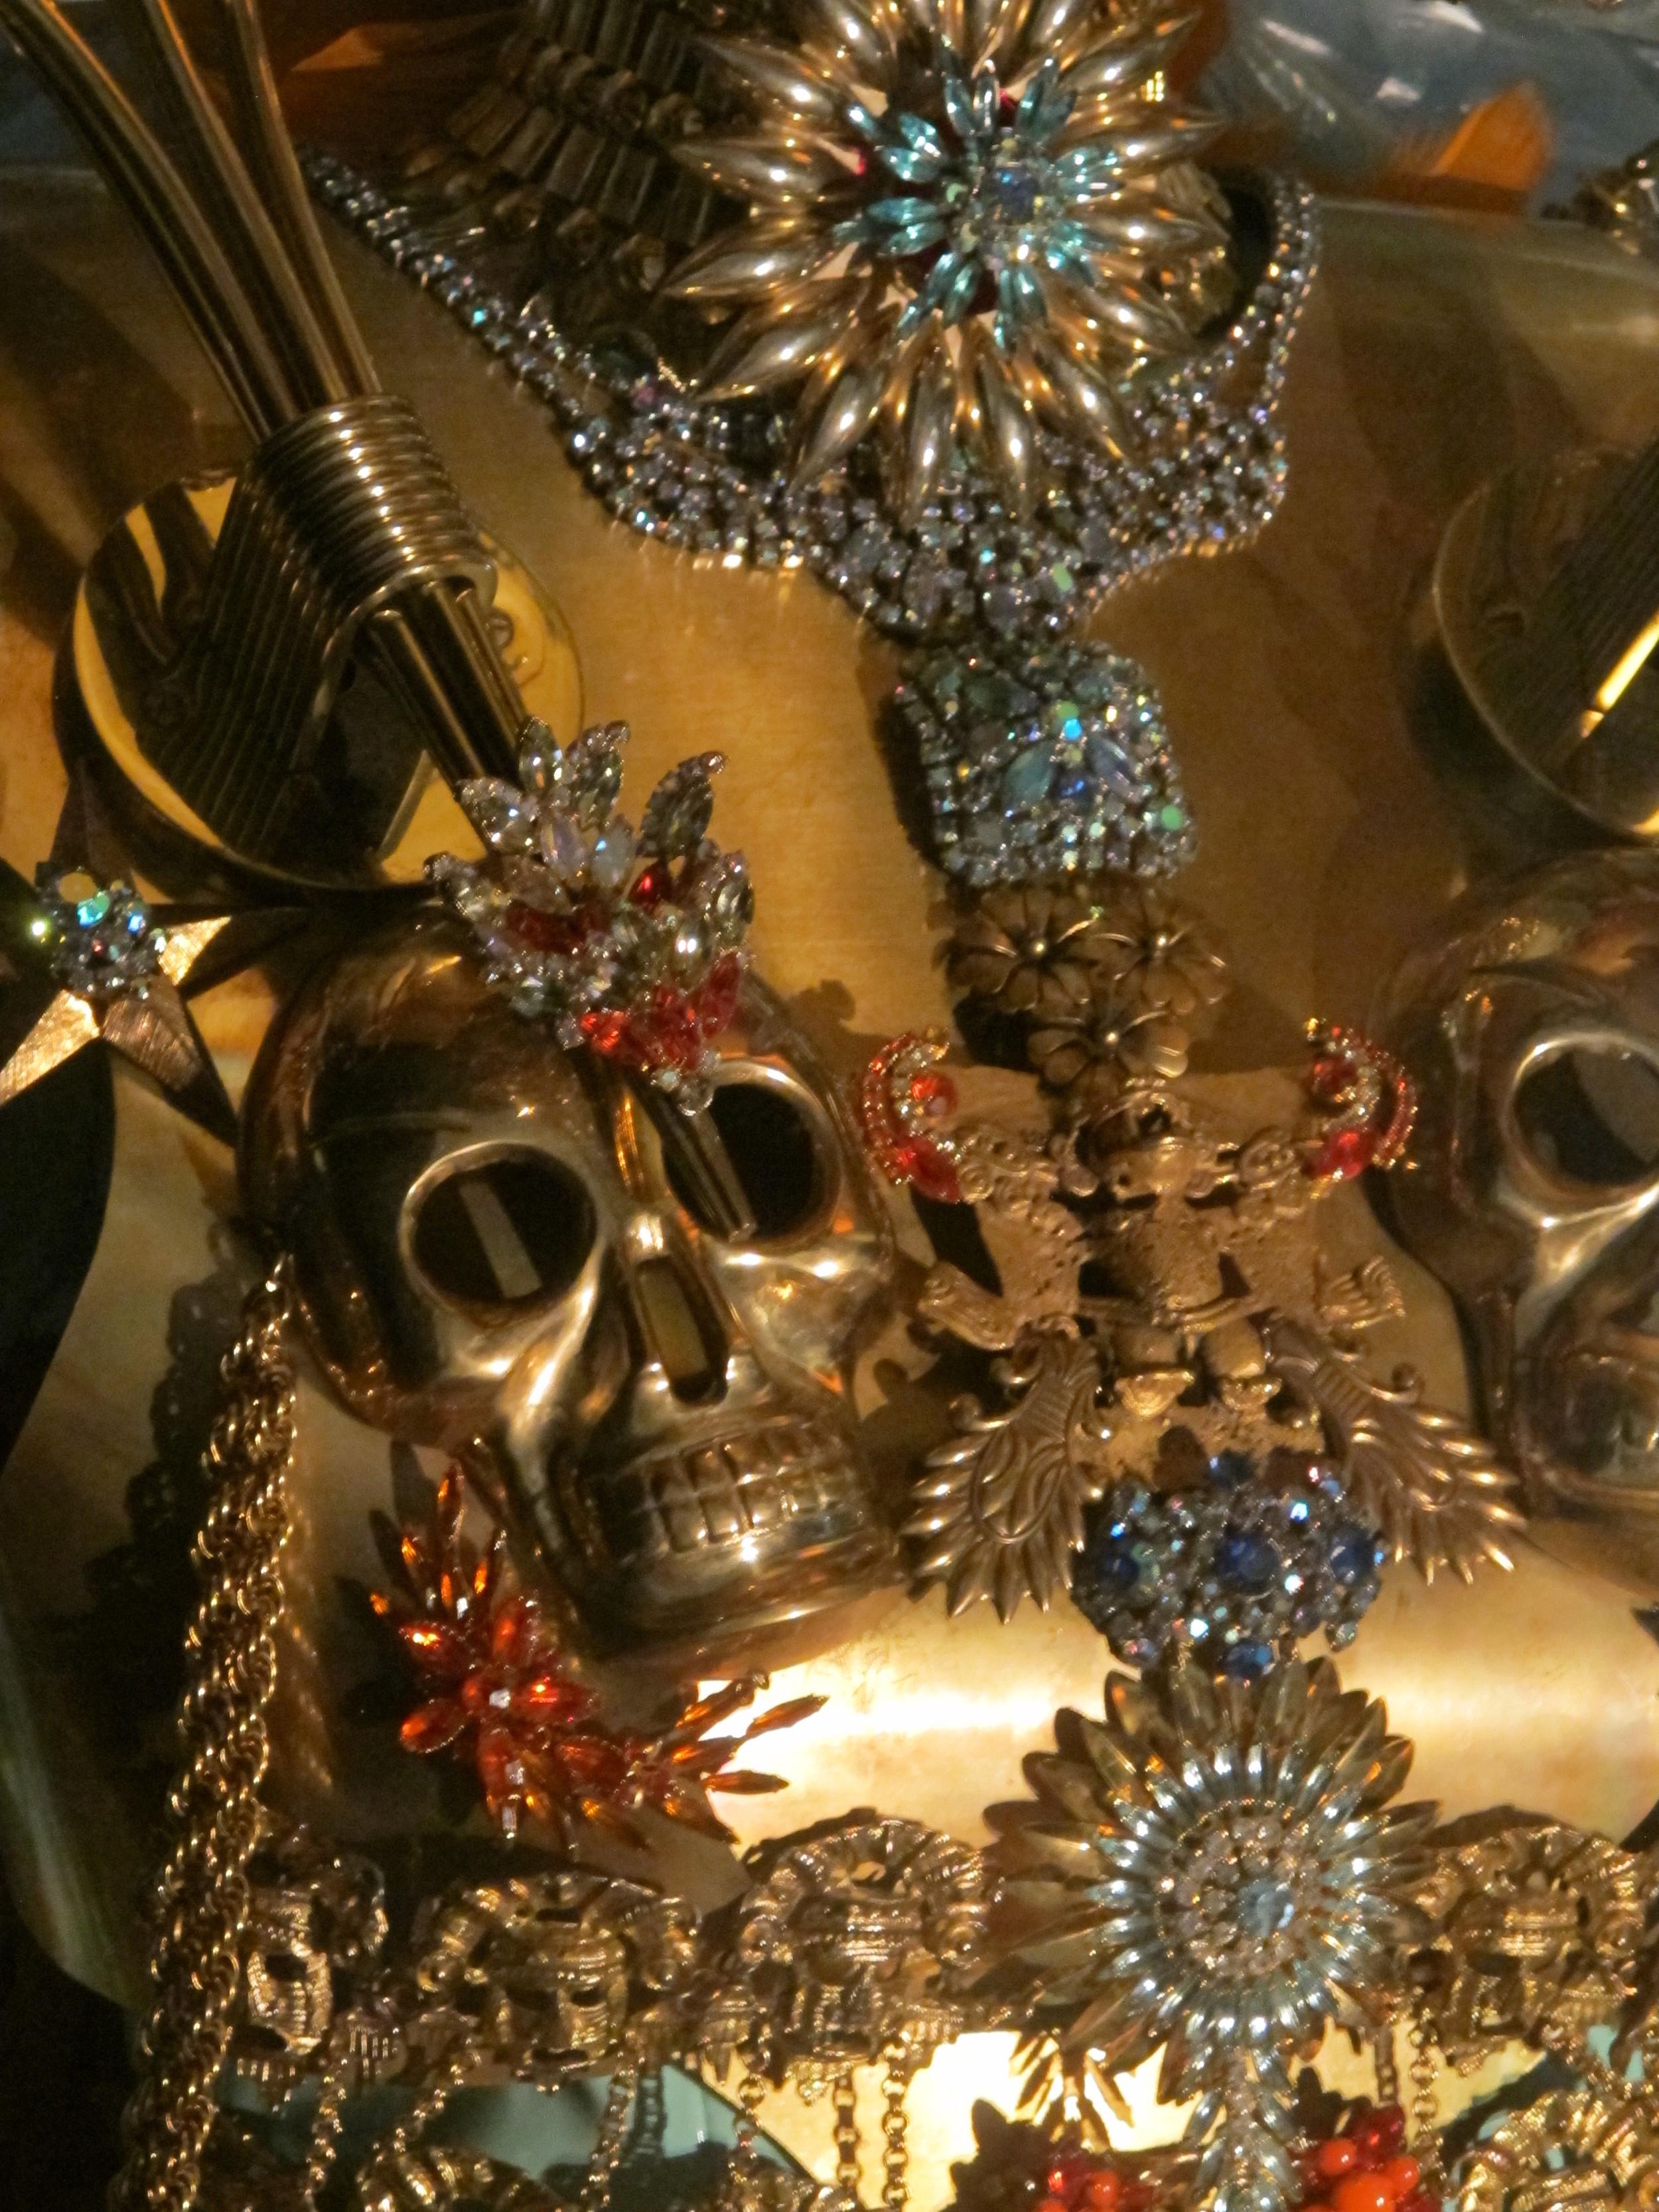 Detail of Alexandre Keller's fantastic installation